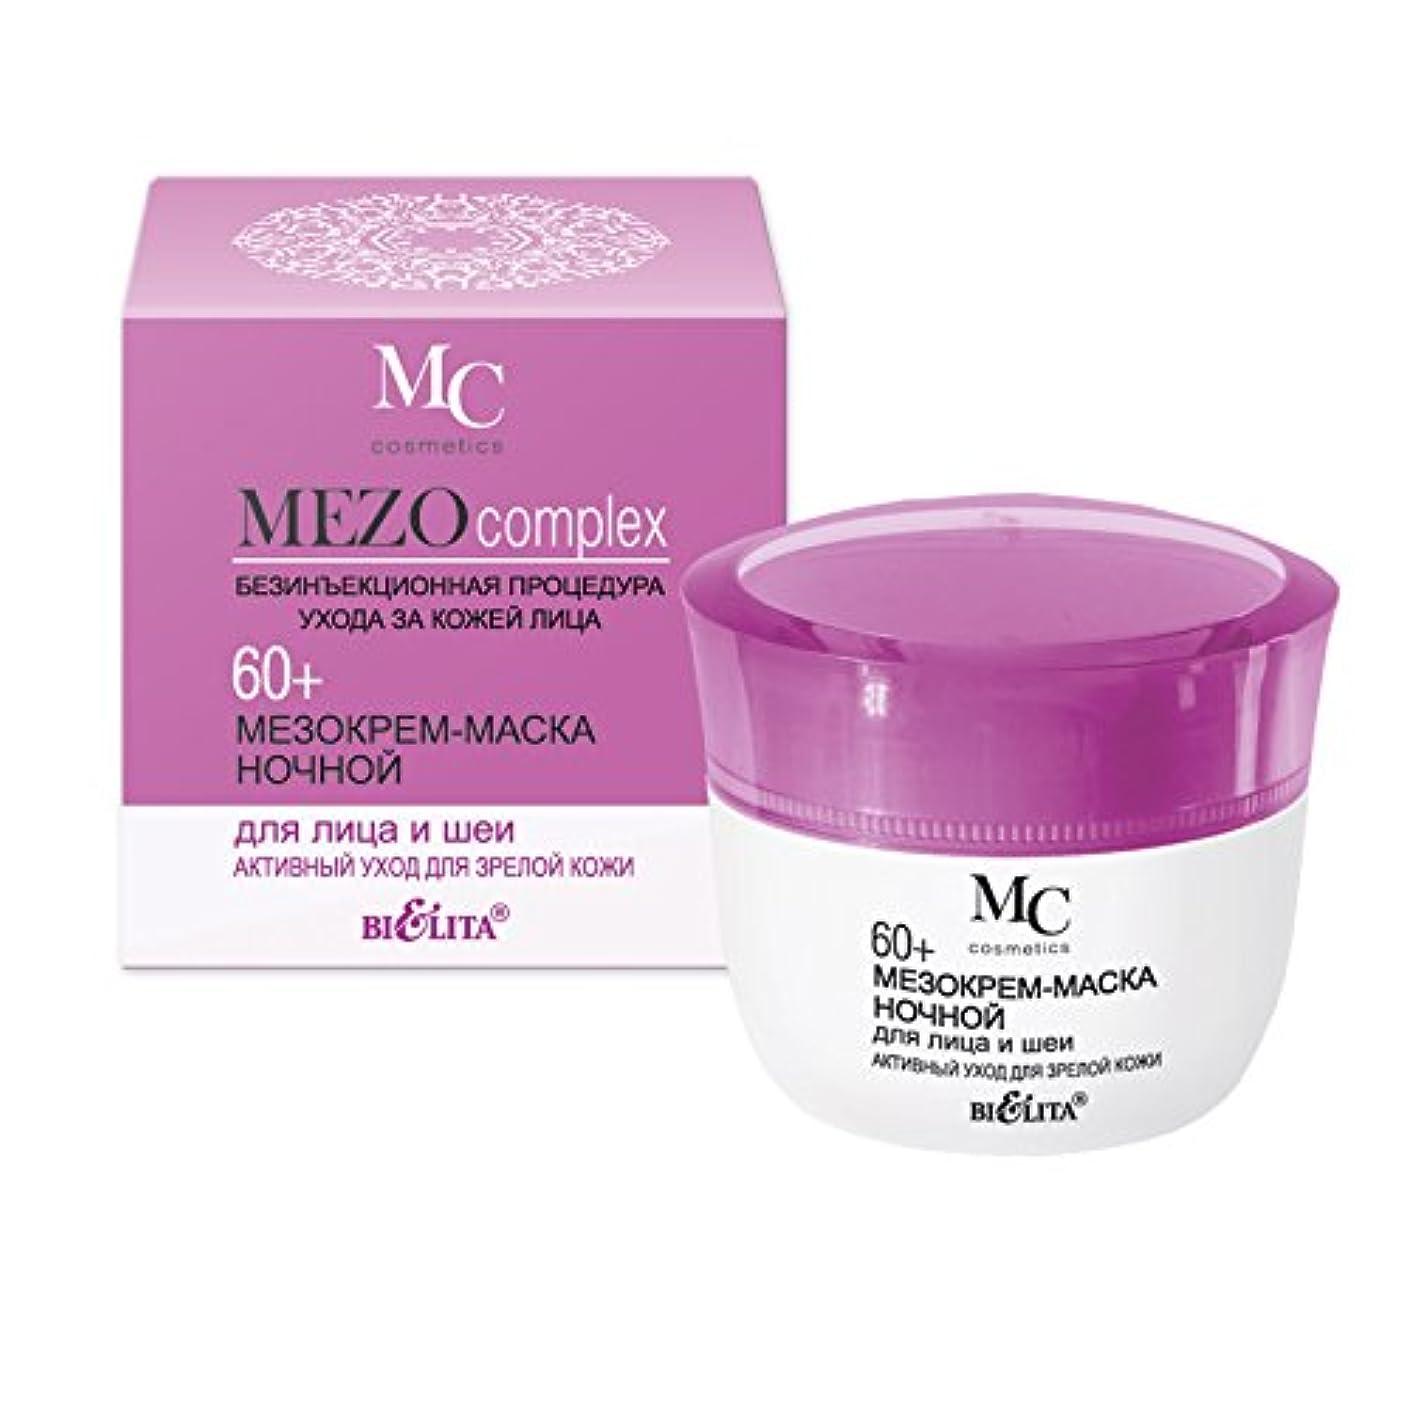 ペンフレンド登るグラディスNight cream mask (MEZO) for face and neck 60+ care for mature skin | Hyaluronic acid, Vitamin E, Peach seed oil...